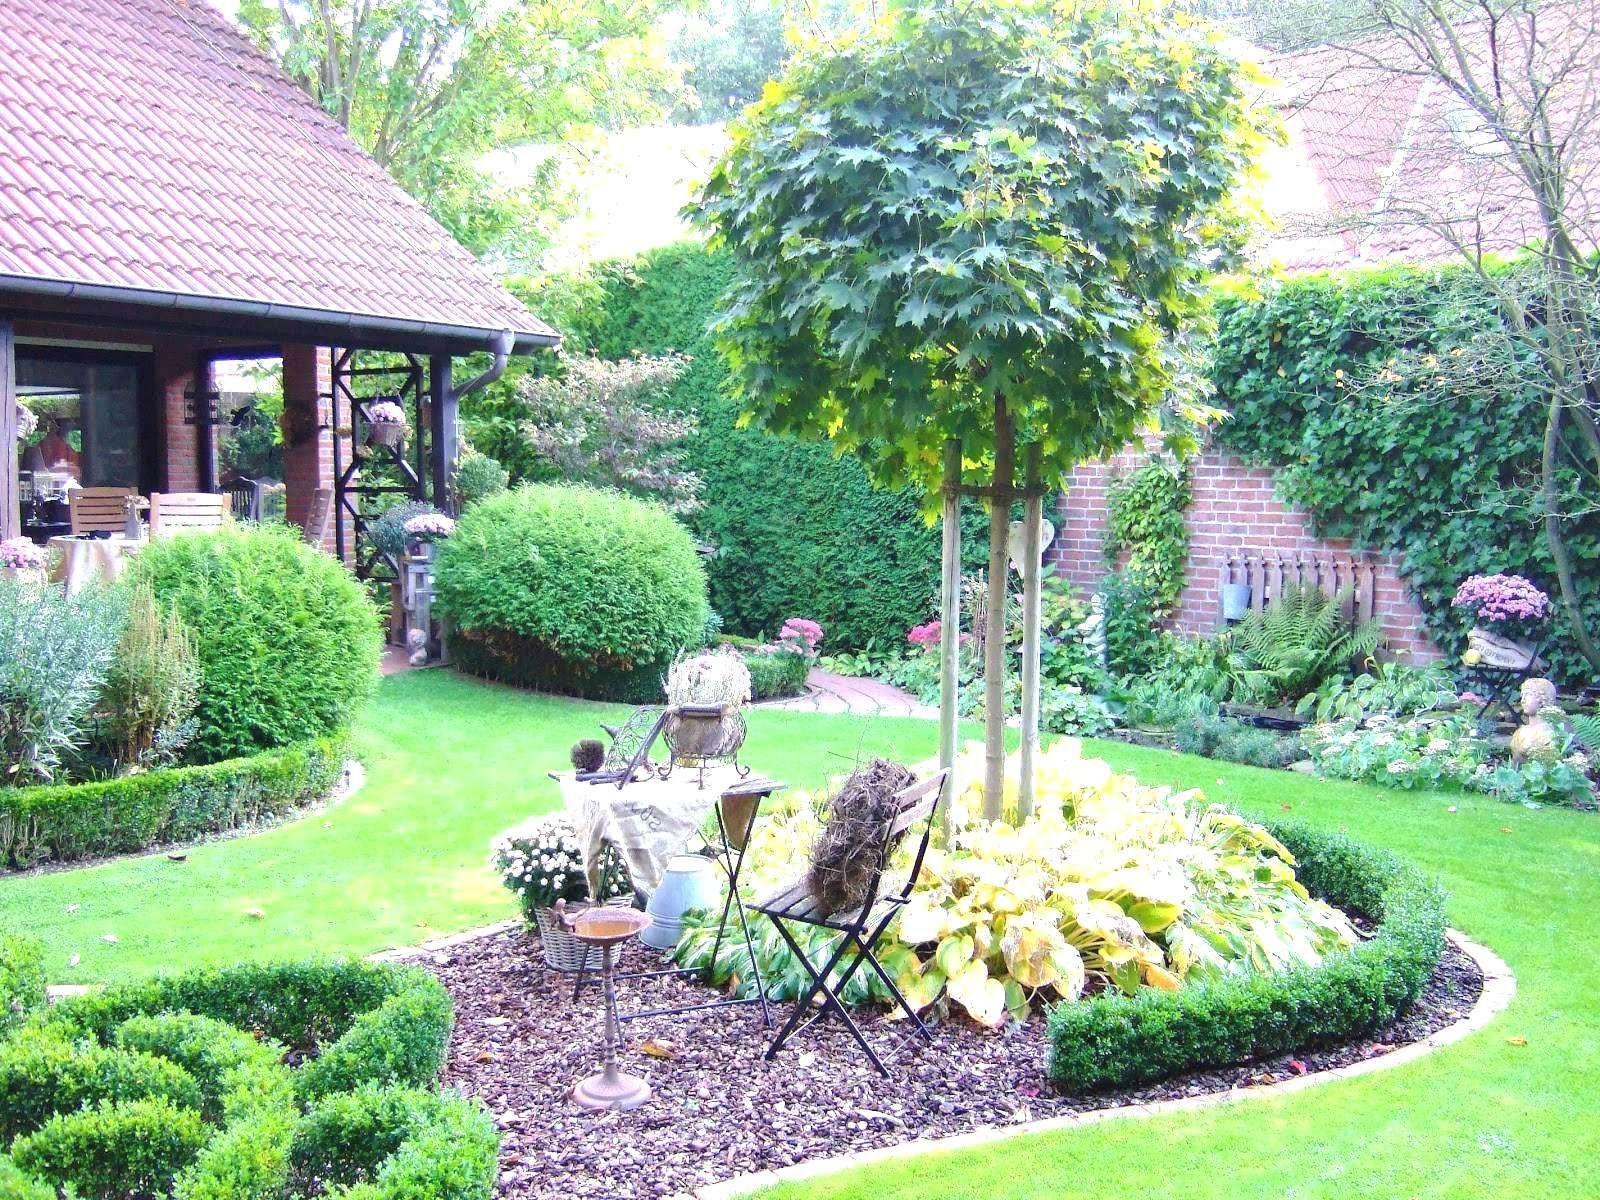 Ideen Kleiner Garten Inspirierend Garten Ideas Garten Anlegen Inspirational Aussenleuchten